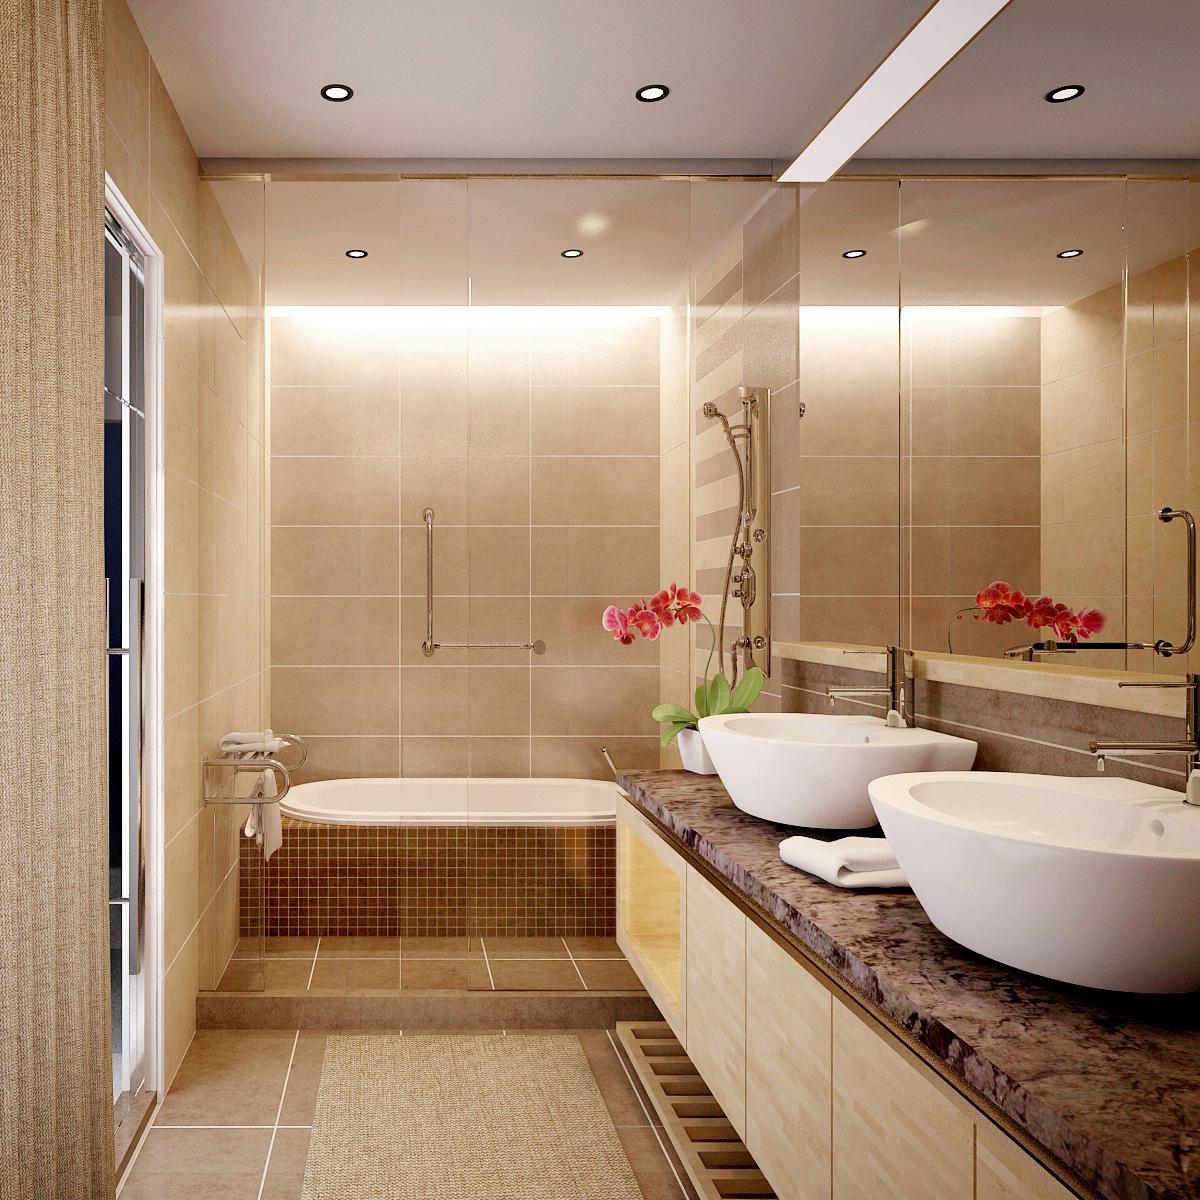 Những lưu ý khi thiết kế nội thất phòng tắm biệt thự xu hướng hiện đại 03